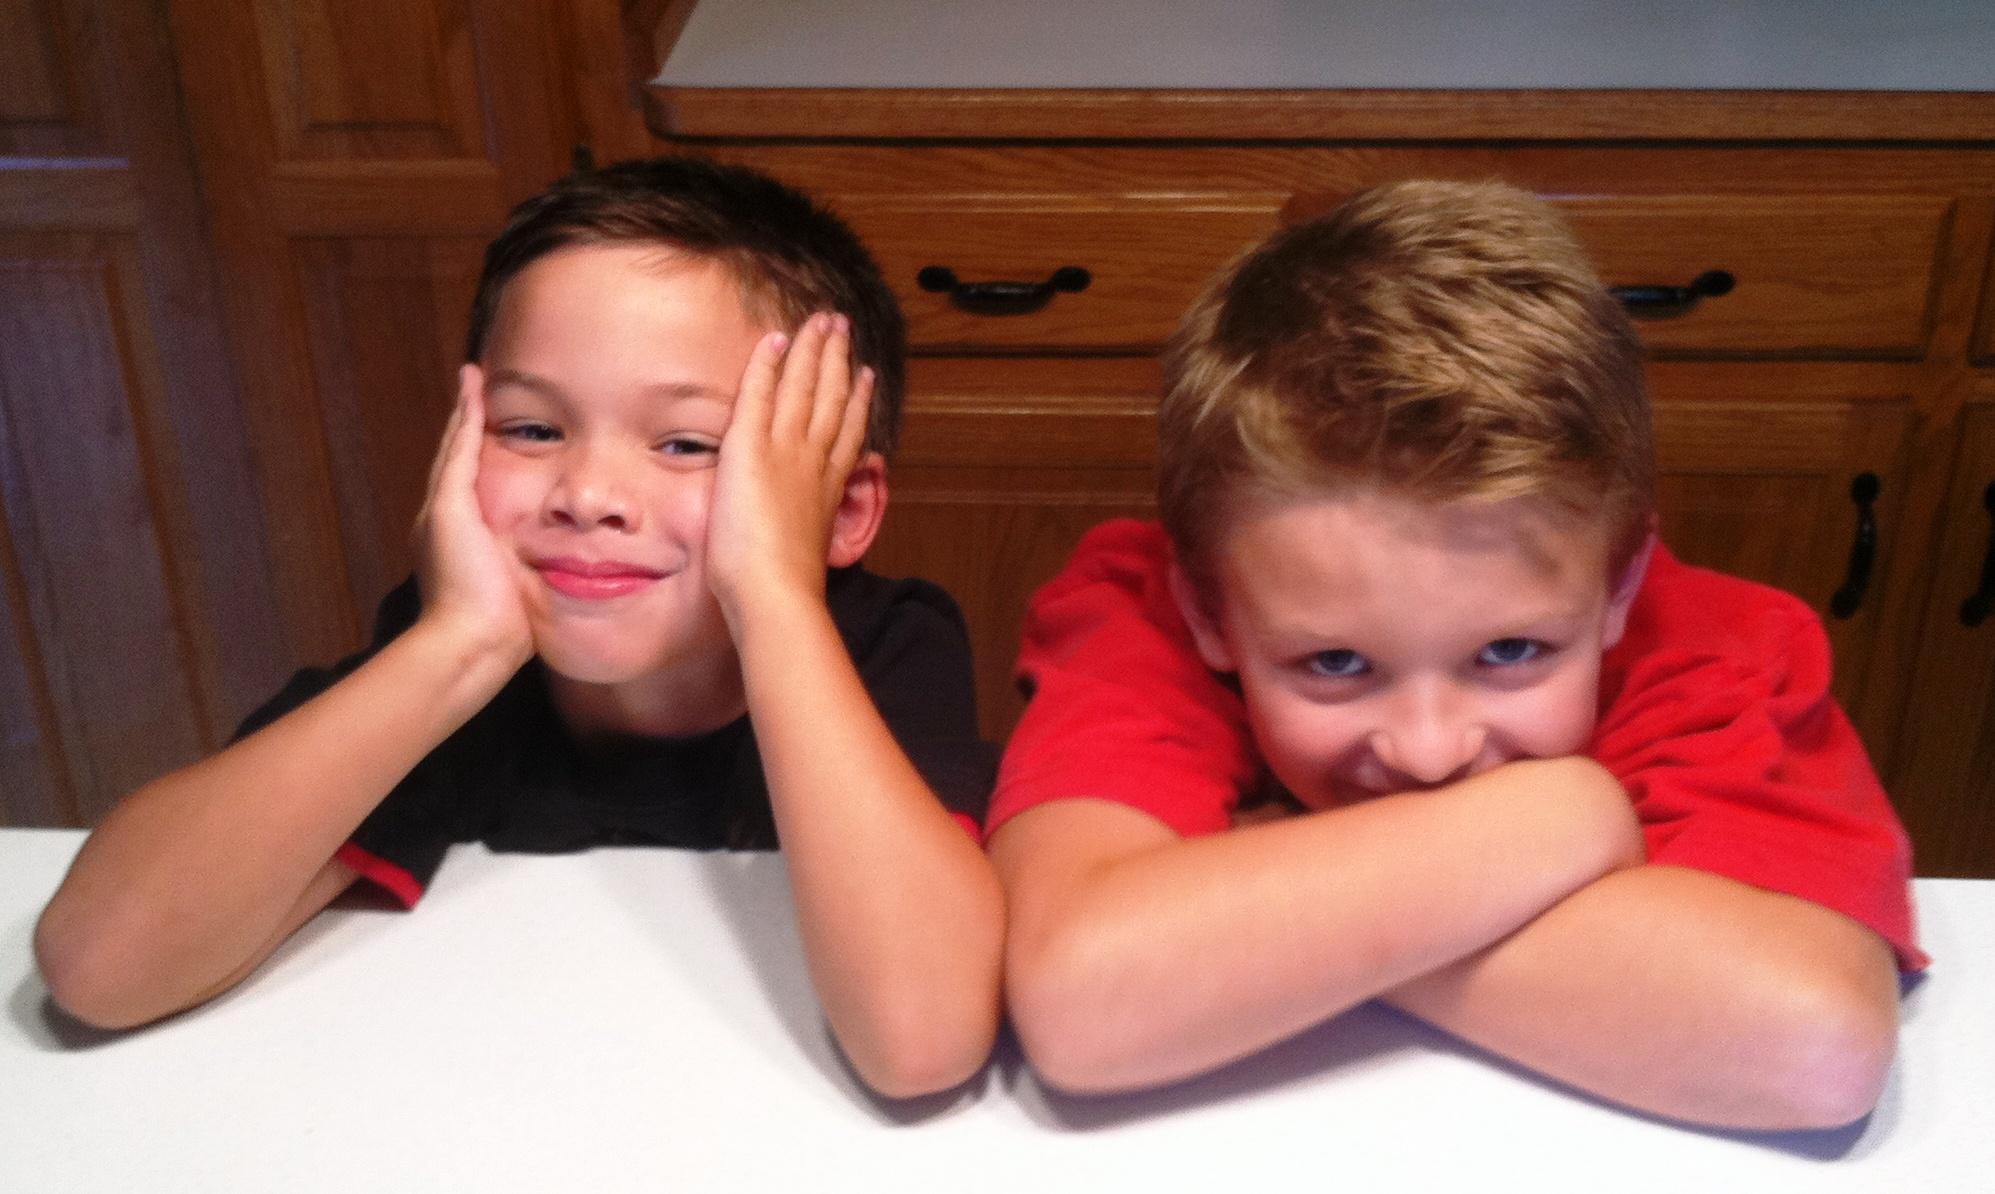 You Crazy Kids